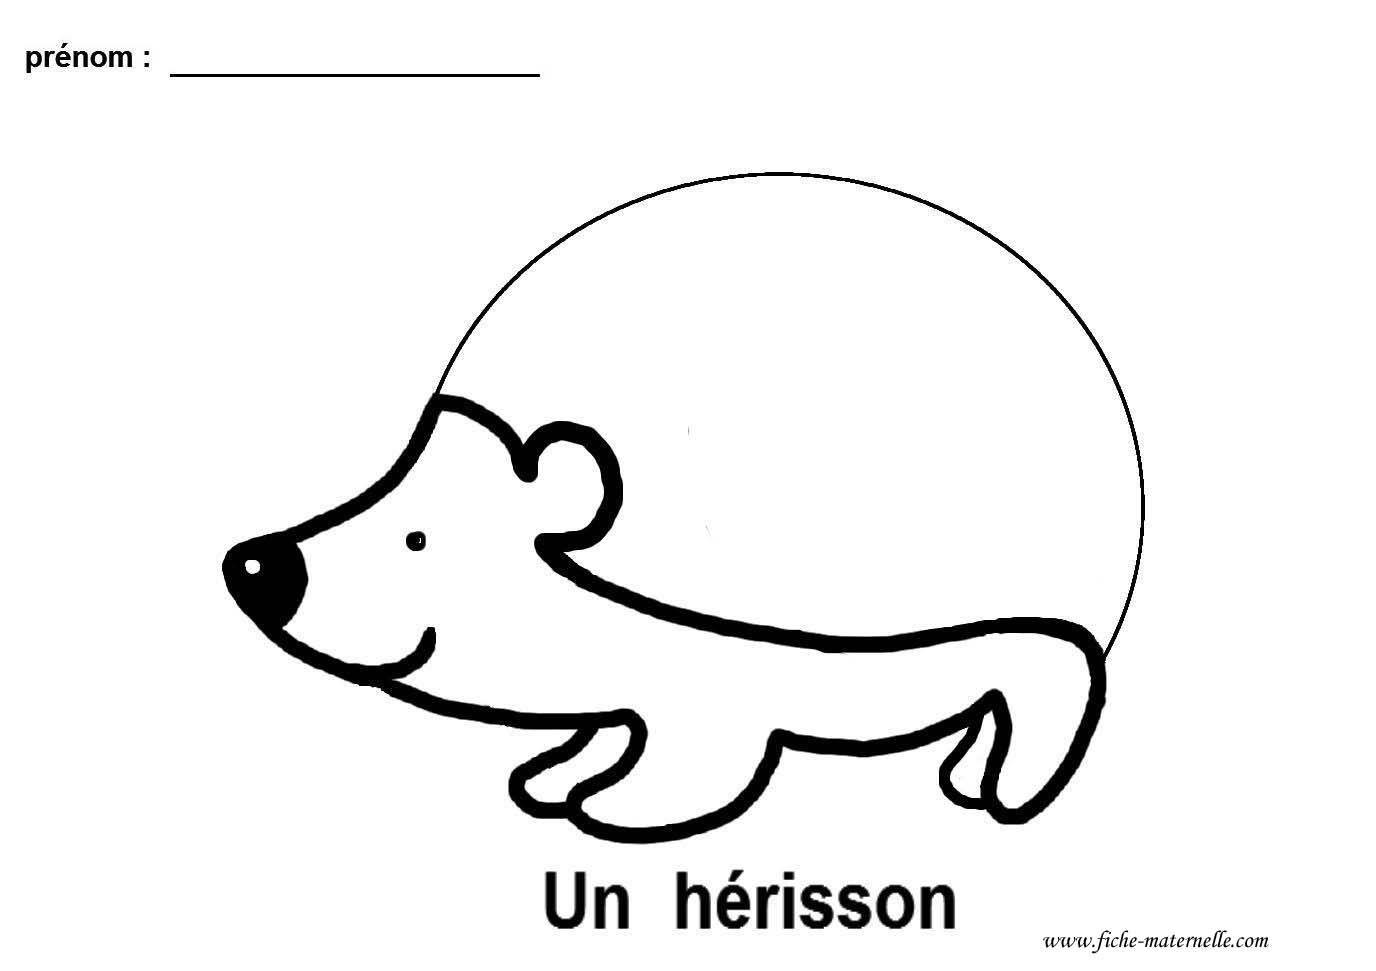 Coloriage Fevrier Ms Gs.Graphisme Gs Et Ms Le Herisson Lignes Brisees Patterns And